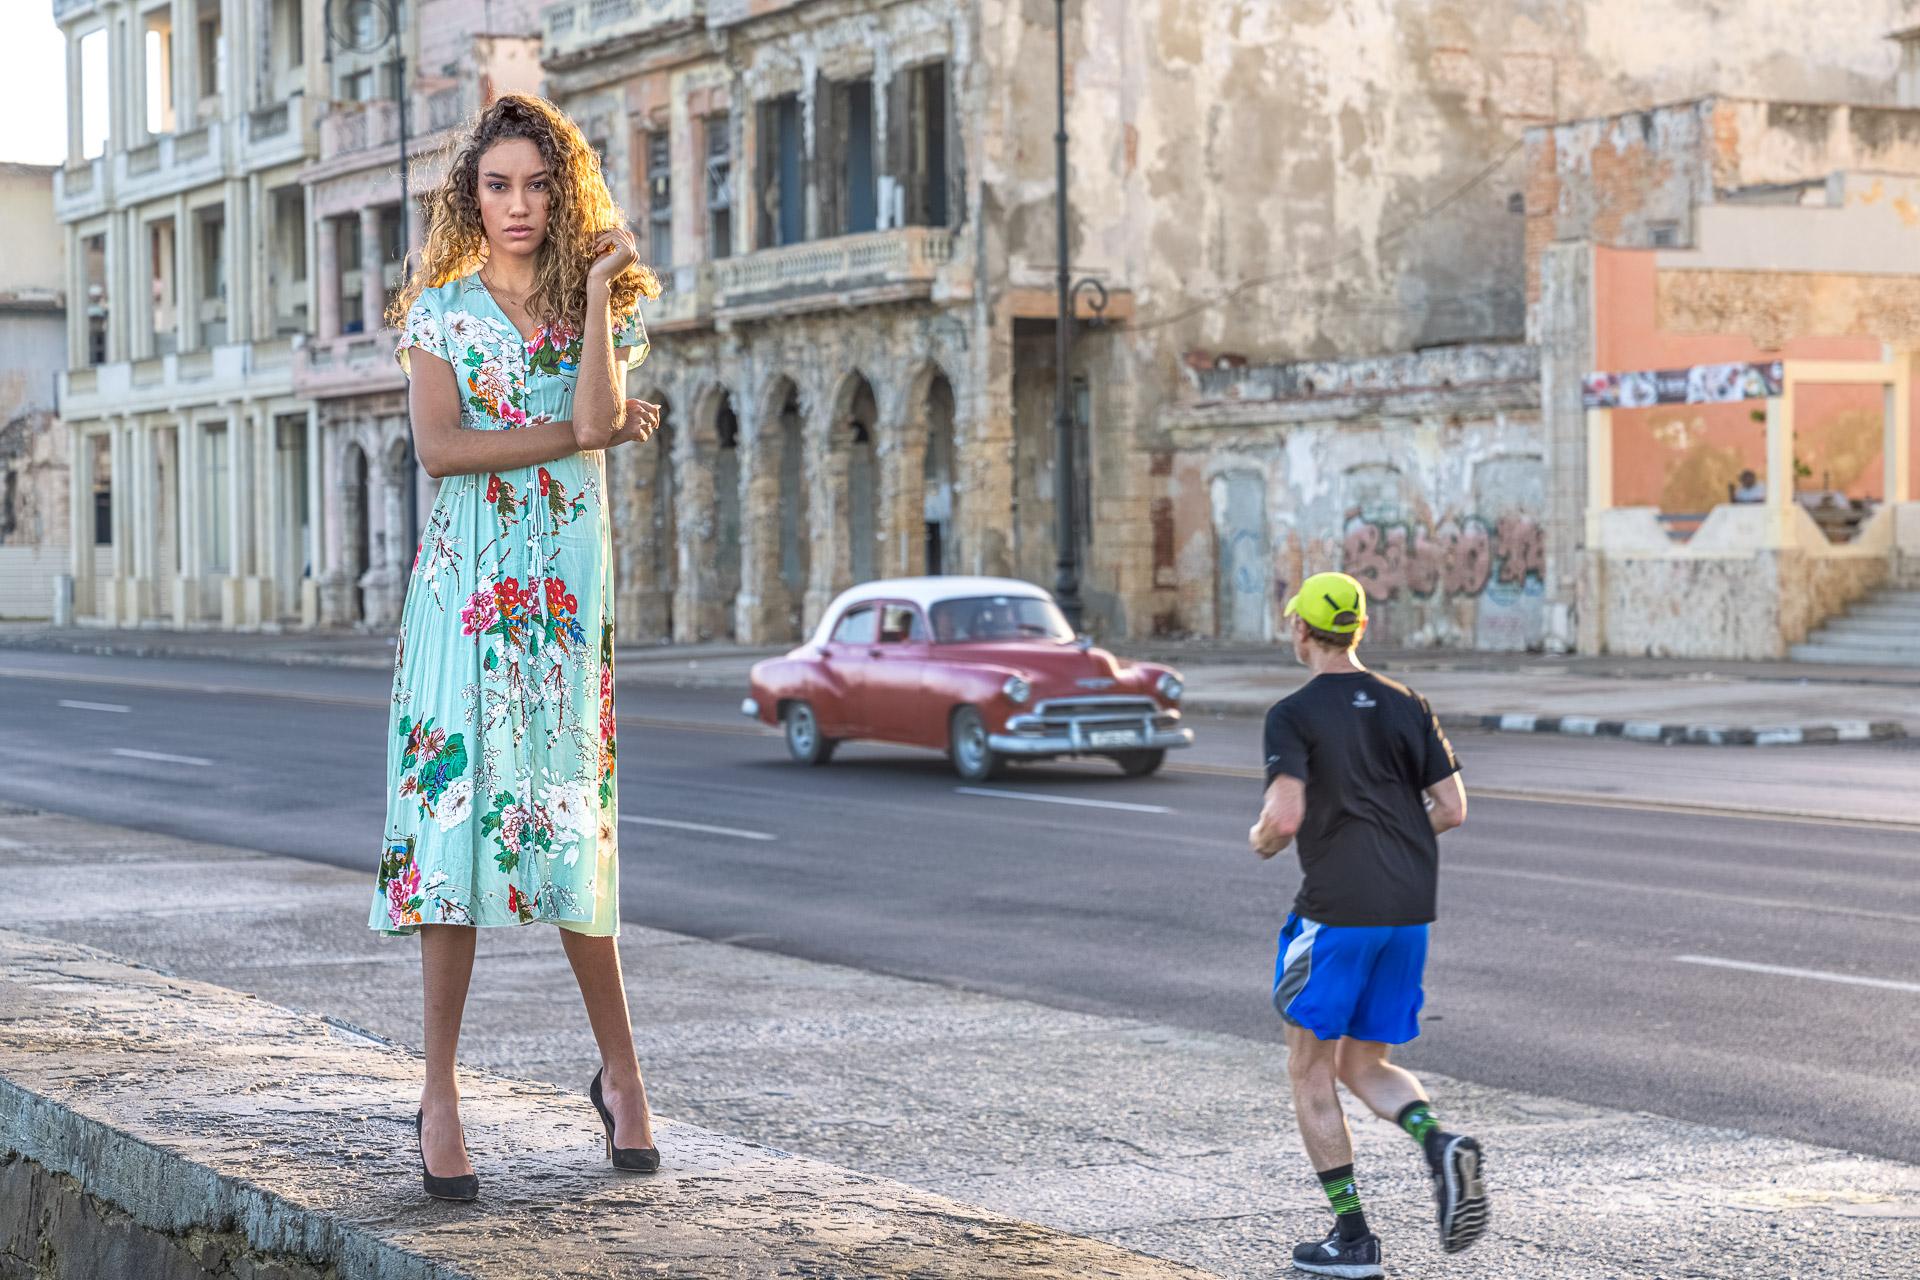 Fotomodell auf Kuba, Oldtimer und Jogger im Hintergrund - Fotoreise Kuba